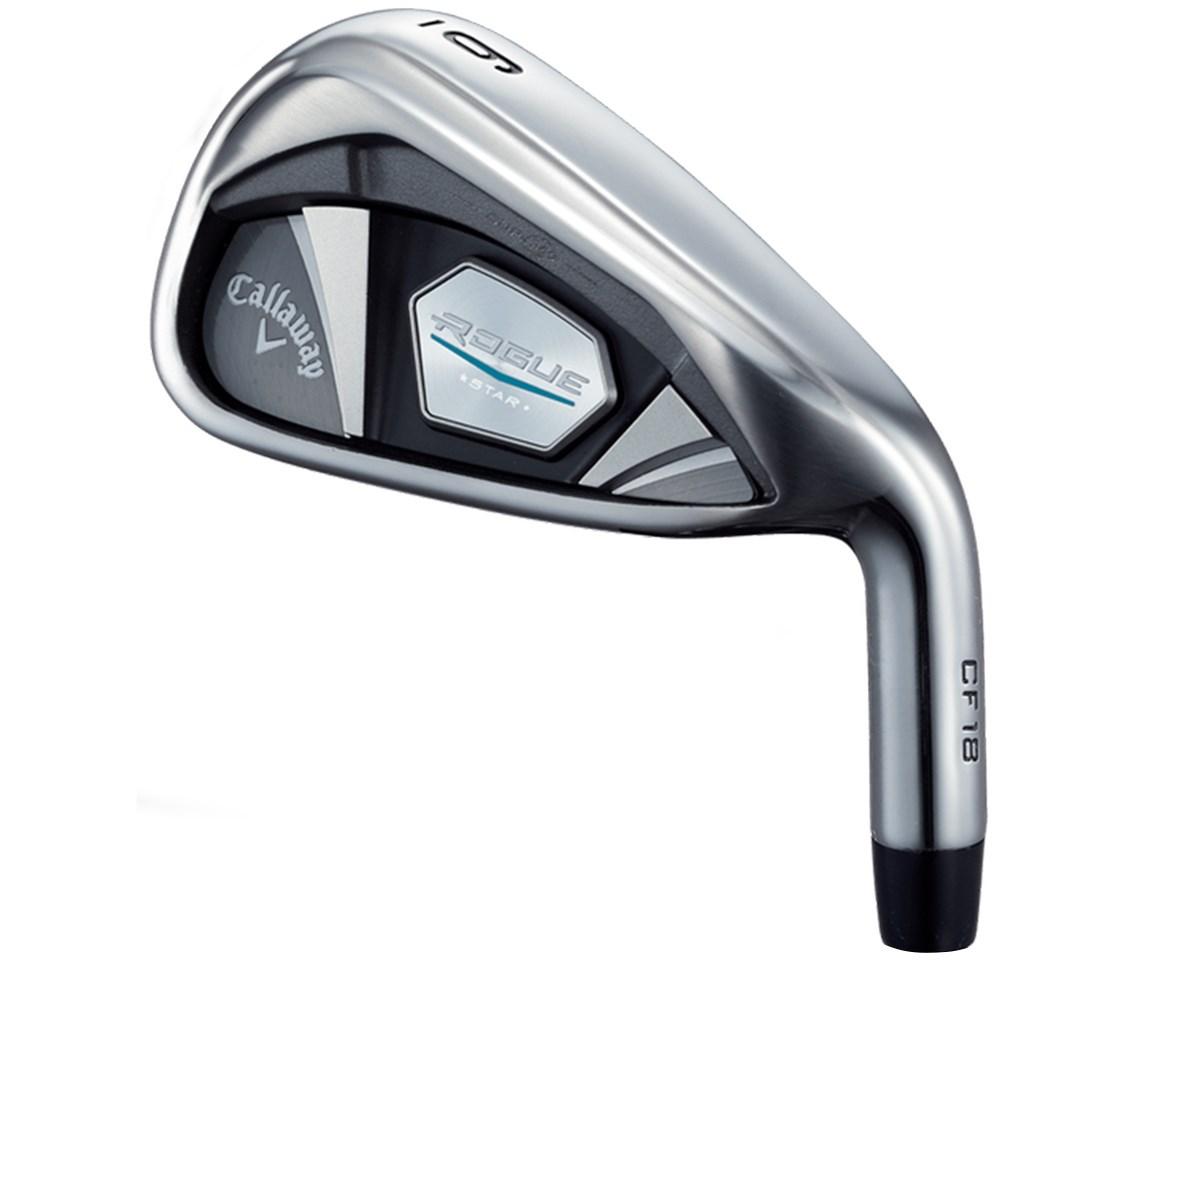 キャロウェイゴルフ(Callaway Golf) ローグ スター アイアン(5本セット) Speeder Evolution for CW 60